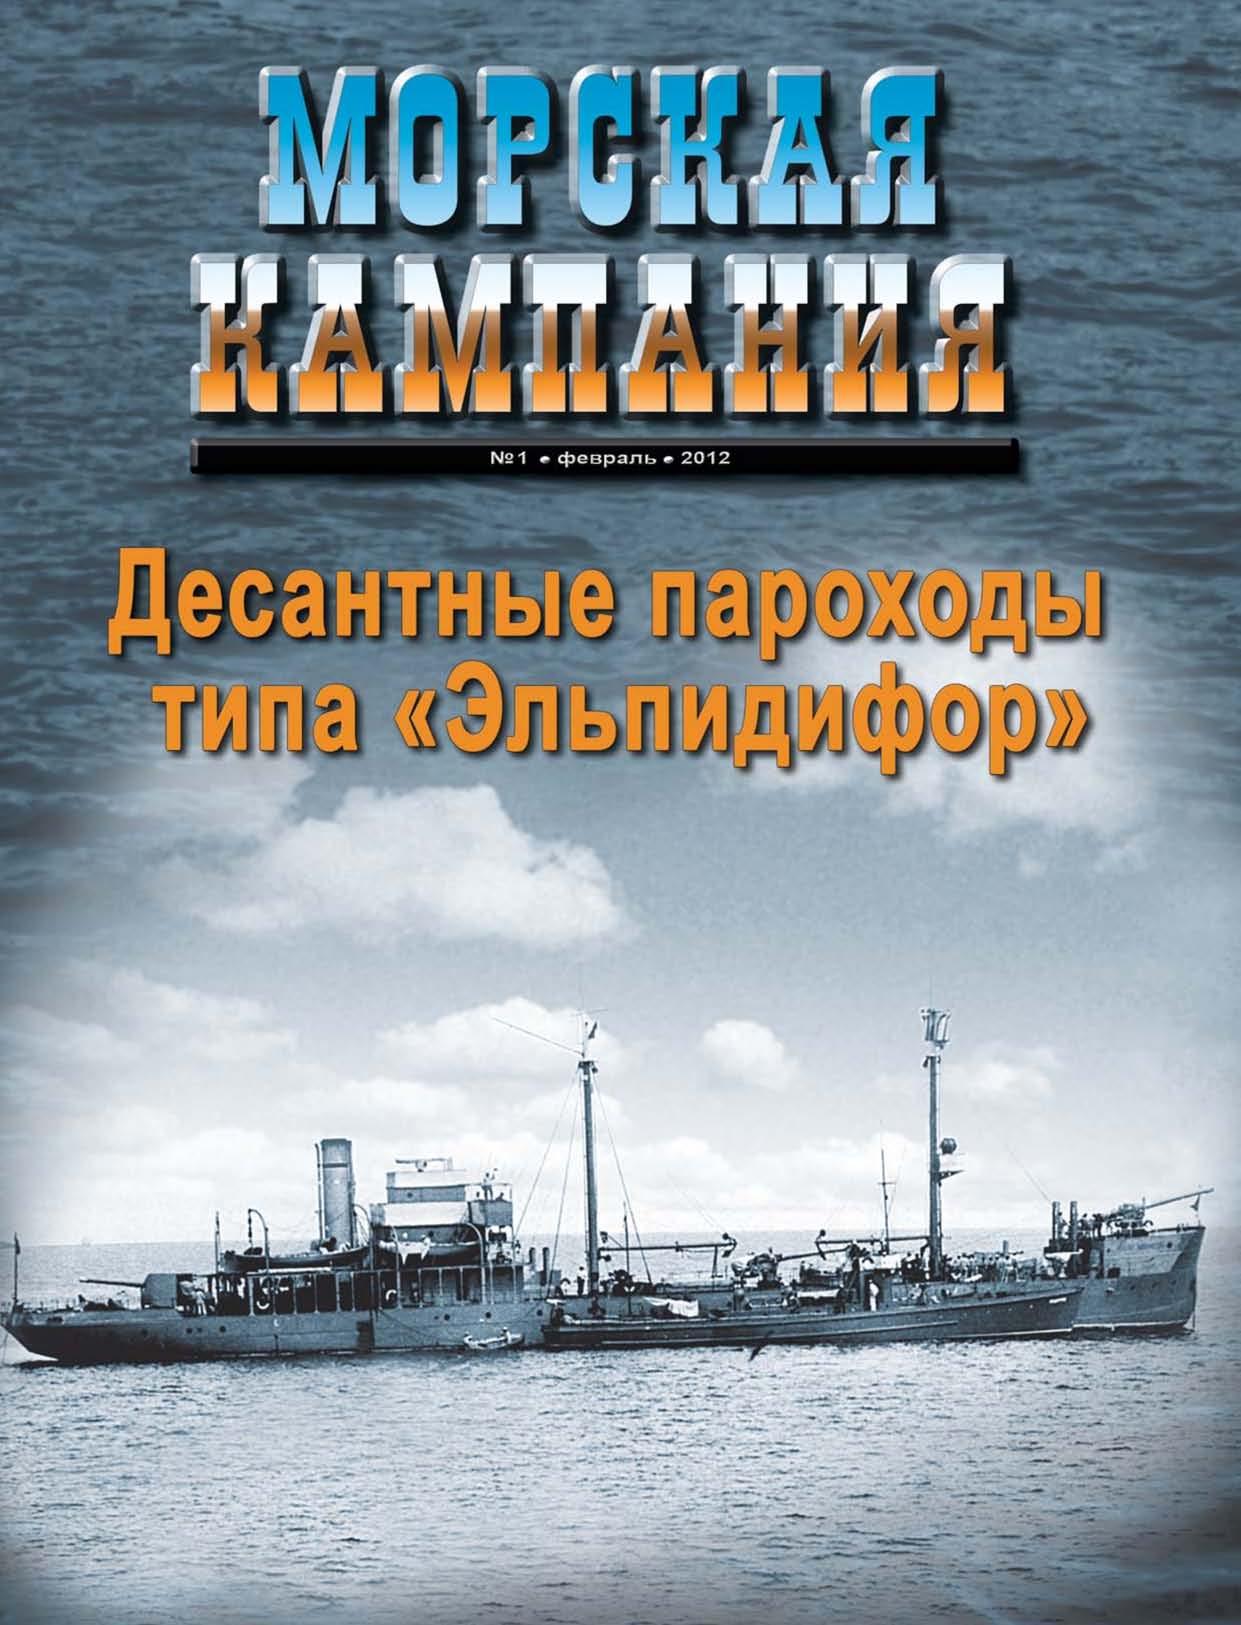 Морская кампания № 01/2012 ( Отсутствует  )